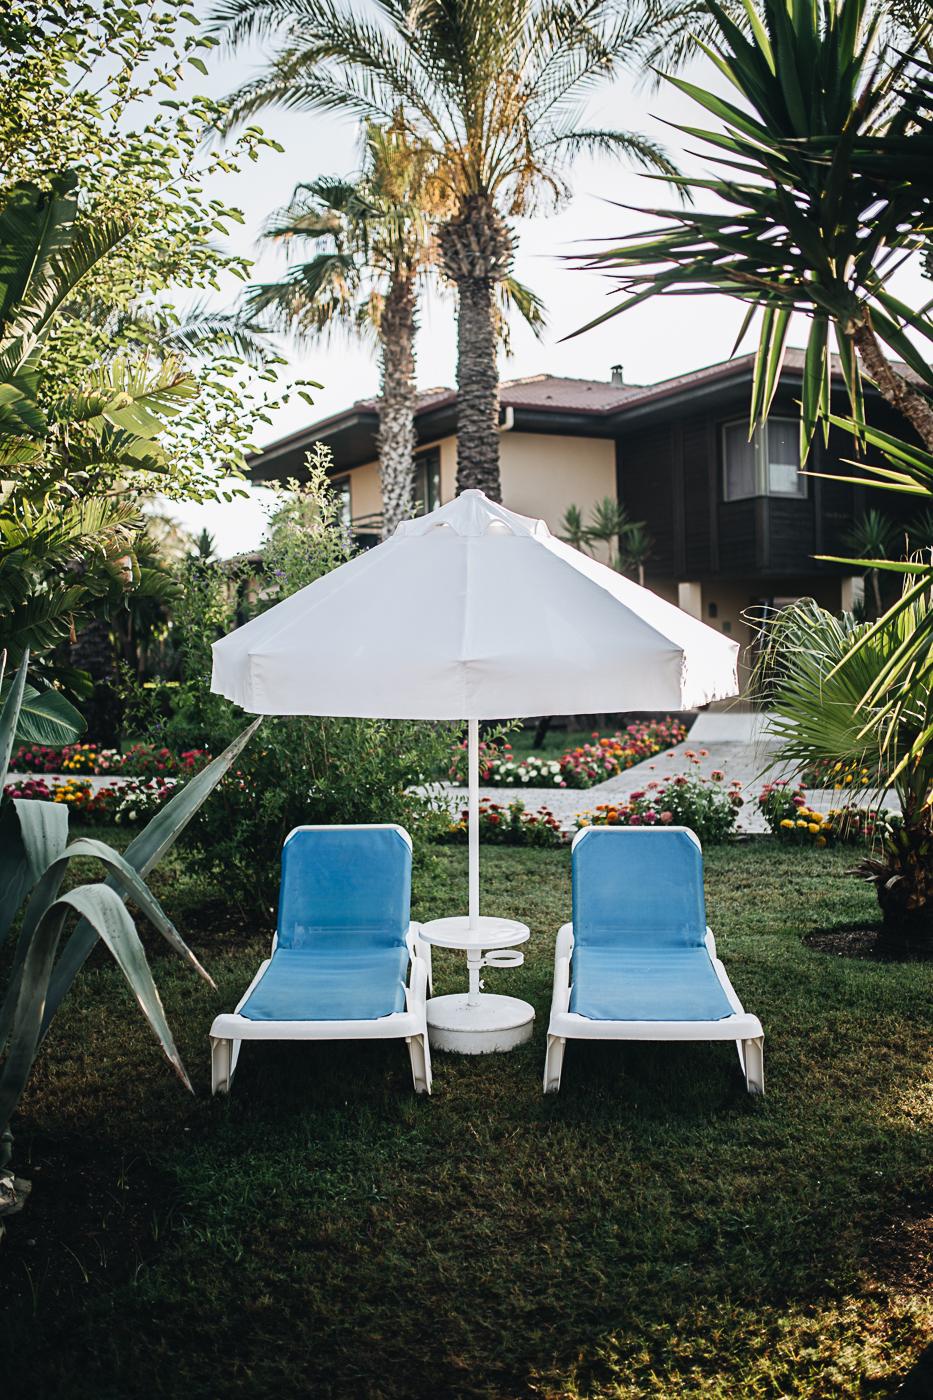 Sommerferien im TUI Blue Palm Garden: 10 Gründe, warum wie am liebsten gleich morgen wiederkommen